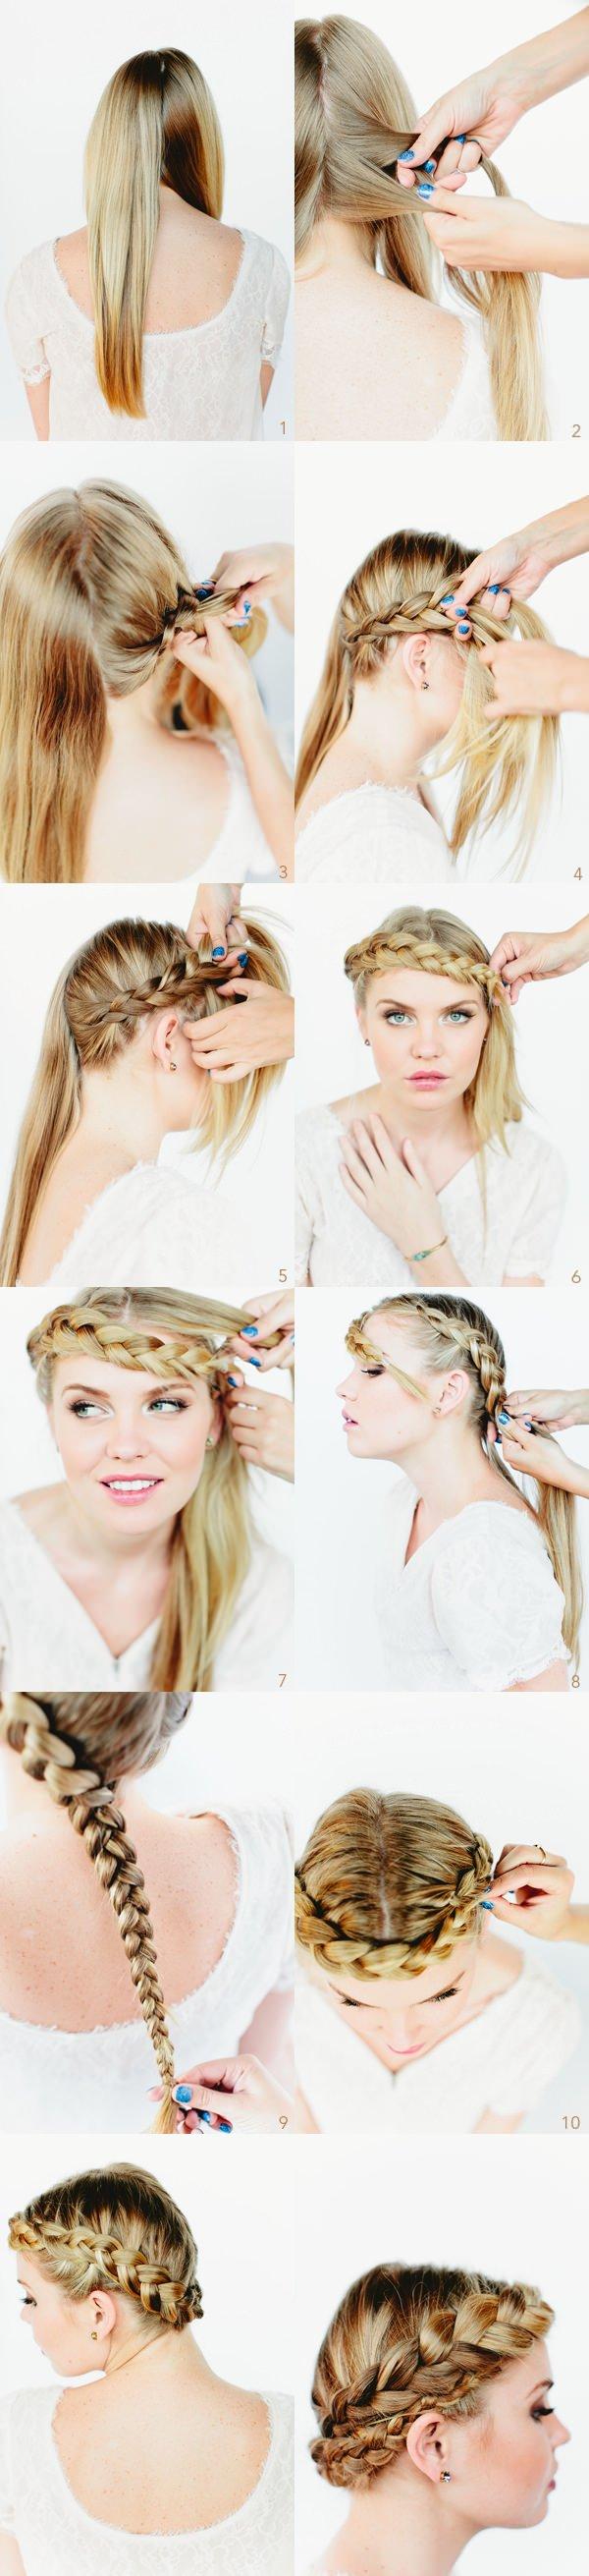 crown hairstyles braid tutorial